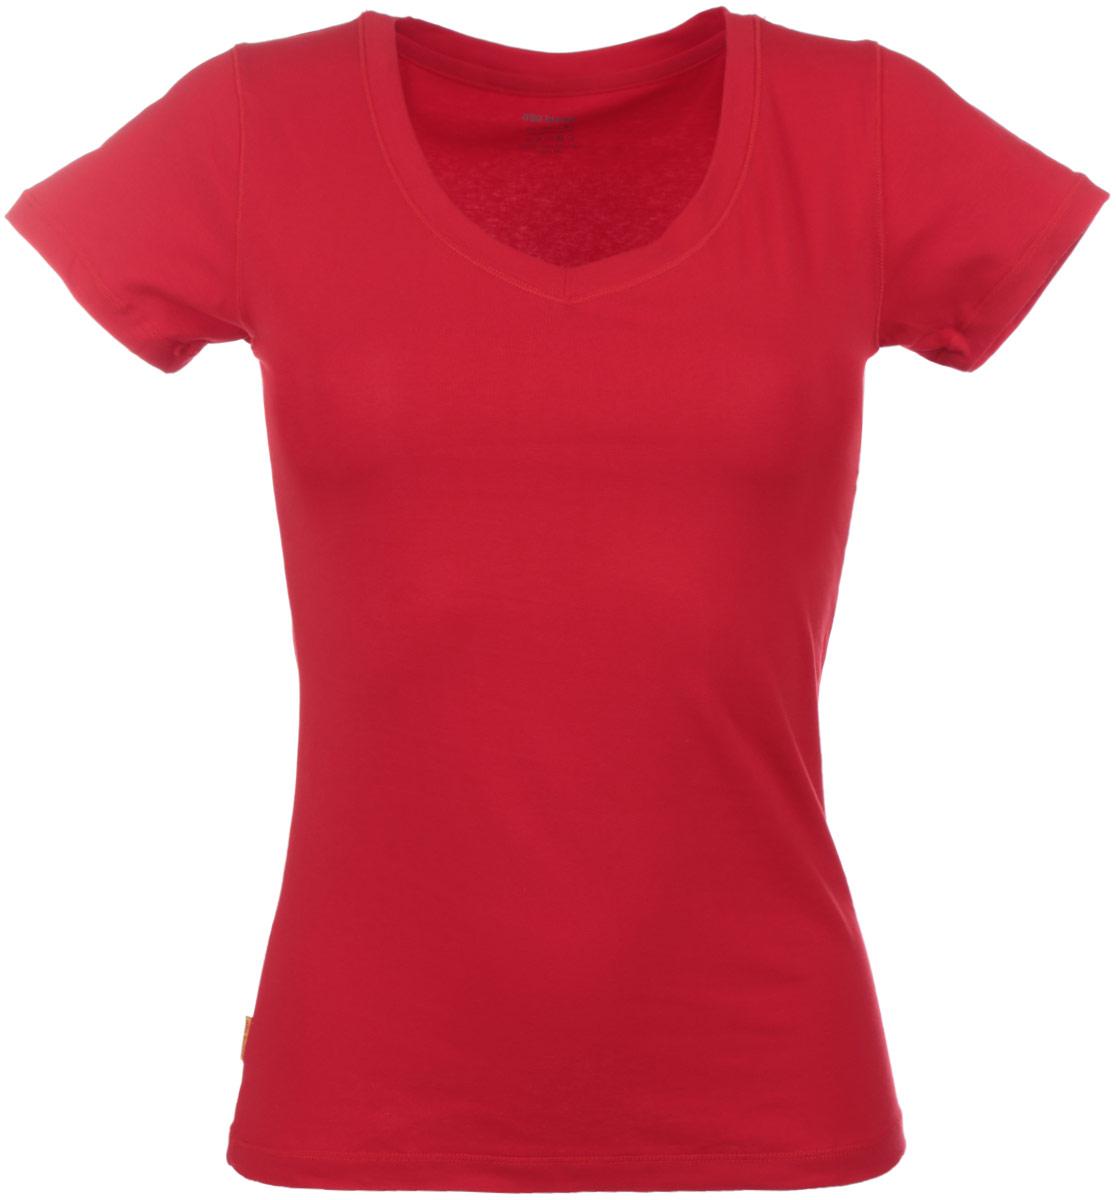 Футболка женская Alla Buone Liscio, цвет: красный. 7047. Размер S (42/44)7047Женская футболка Alla Buone Liscio, выполненная из эластичного хлопка, идеально подойдет для повседневной носки. Материал изделия мягкий, тактильно приятный, не сковывает движения и позволяет коже дышать.Футболка с V-образным вырезом горловины и короткими рукавами имеет слегка приталенный силуэт. Вырез горловины оформлен мягкой окантовочной лентой. Изделие дополнено фирменным логотипом, вшитым в боковой шов.Такая модель будет дарить вам комфорт в течение всего дня и станет отличным дополнением к вашему гардеробу.